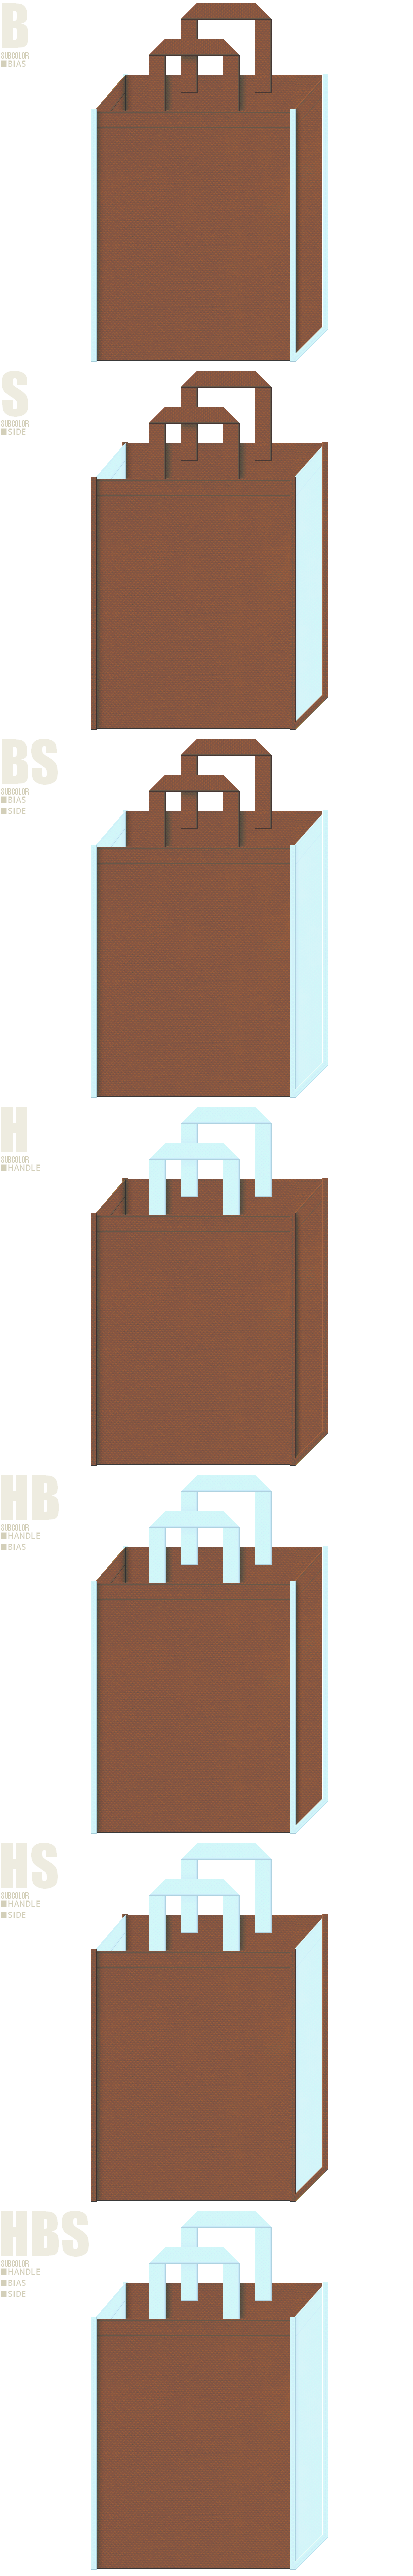 ミントチョコレート・水資源・温暖化対策・環境イベント・環境セミナーにお奨めの不織布バッグデザイン:茶色と水色の配色7パターン